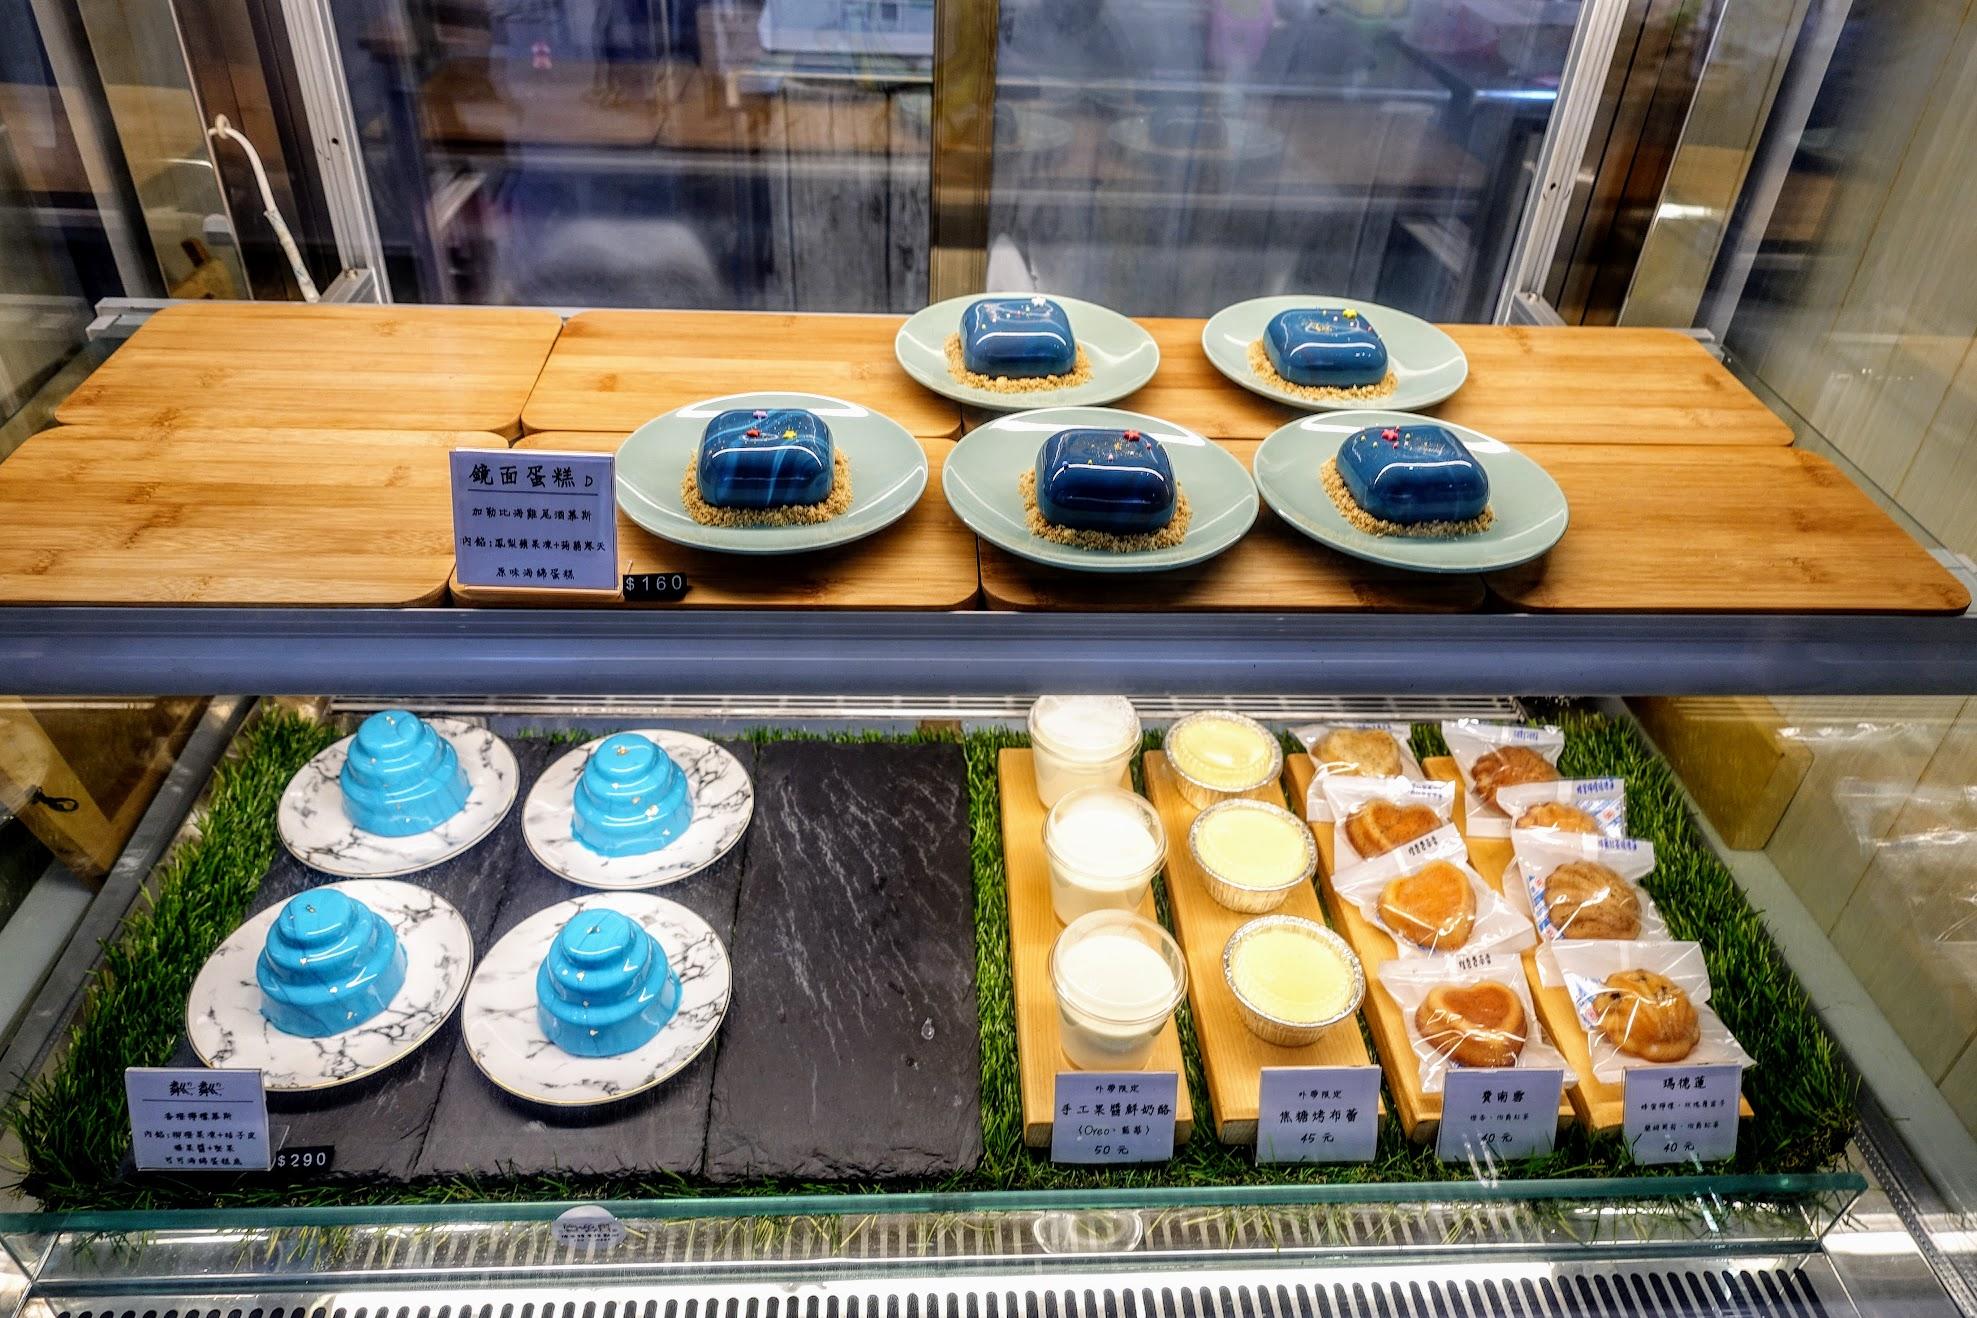 蛋糕,這邊的蛋糕是看店家有做什麼自行選擇,如果想到特別的需預訂喔! 像是母親節蛋糕那種...